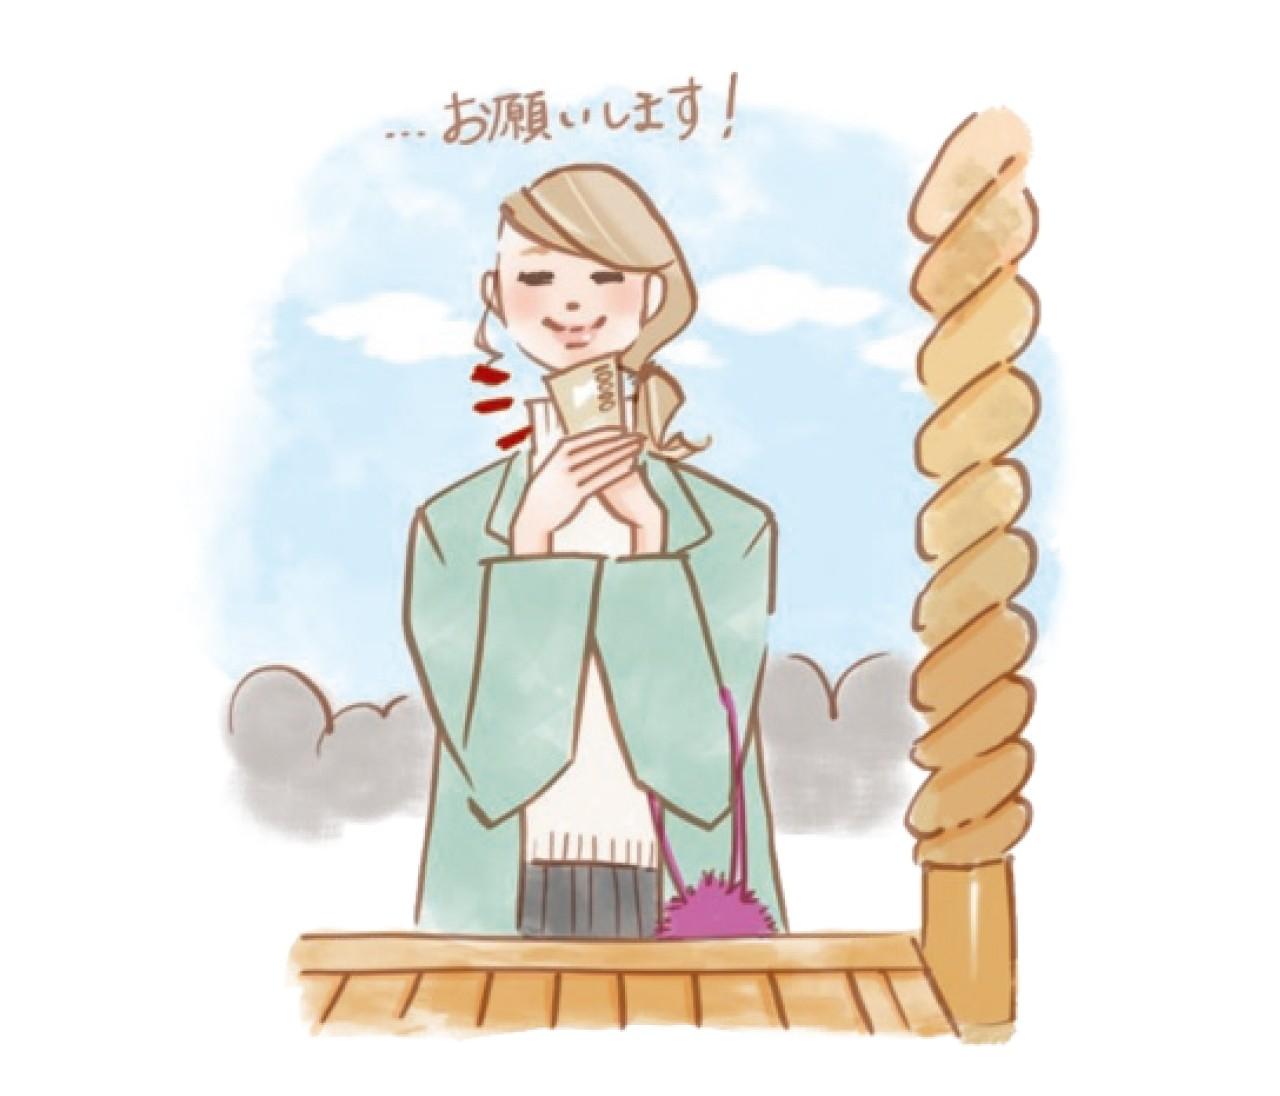 【2020開運】占い芸人・島田秀平が答える<参拝のギモン>Q&A